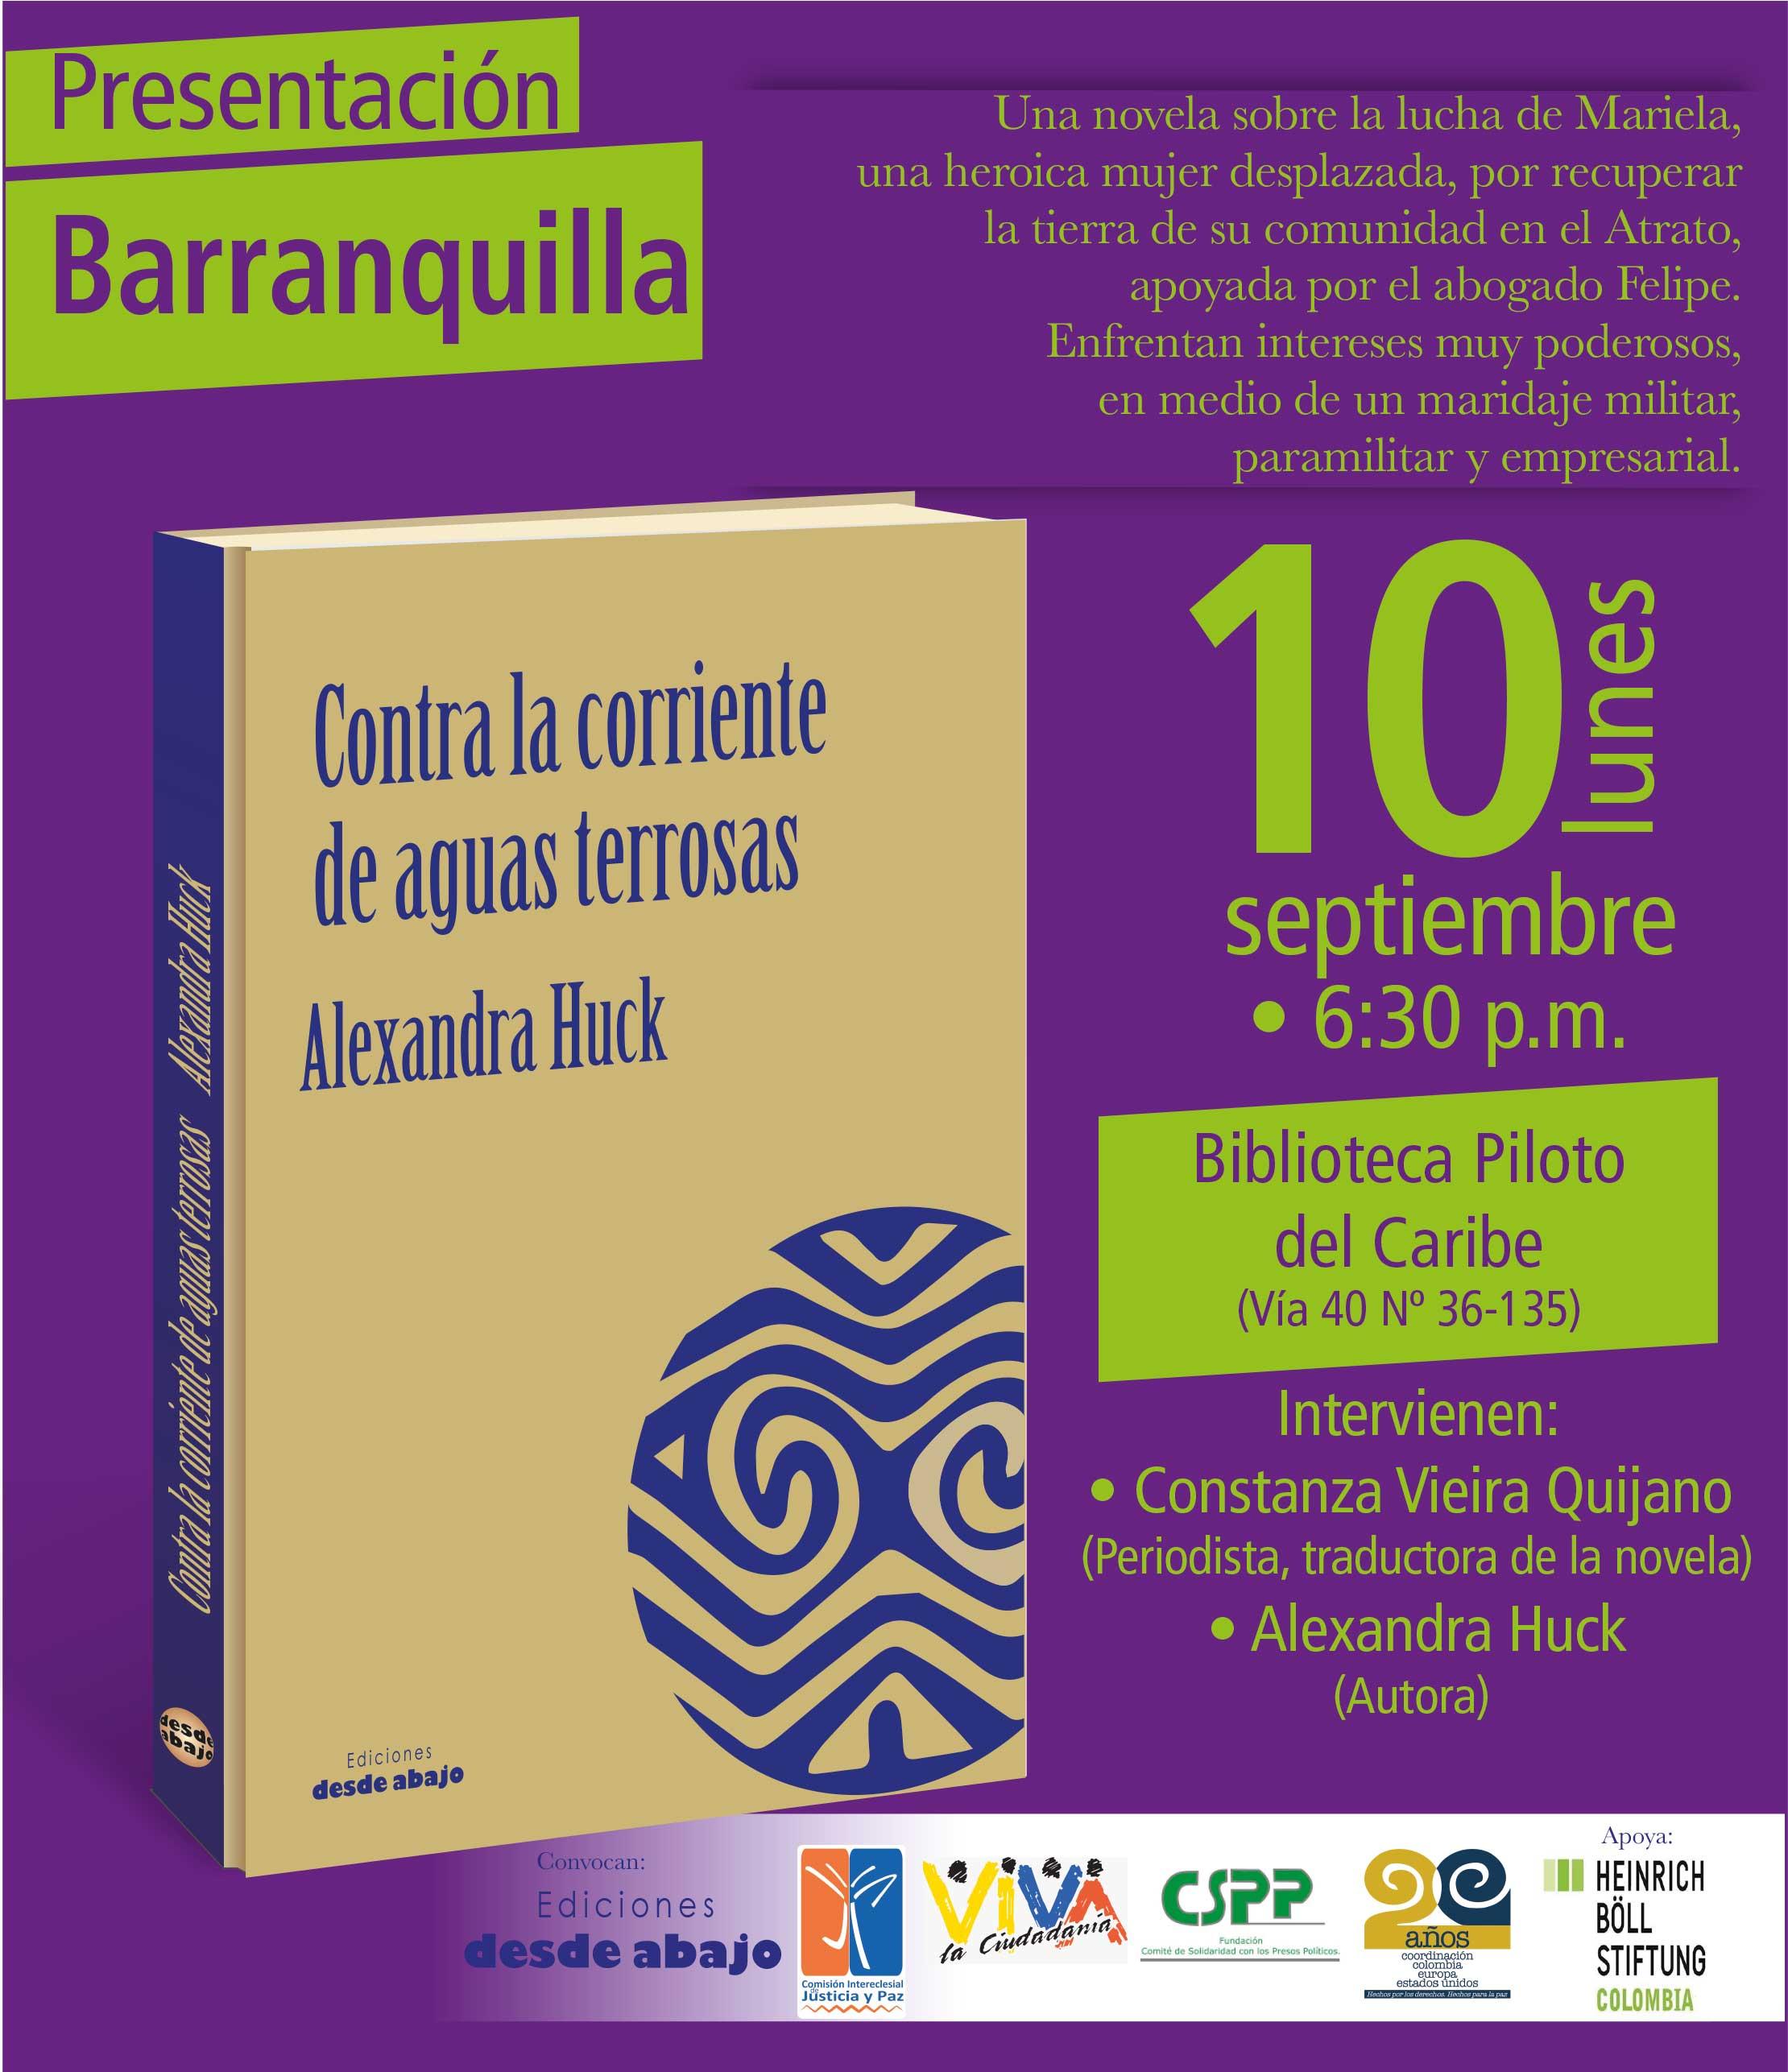 Presentación en Barranquilla 10 de septiembre 2018